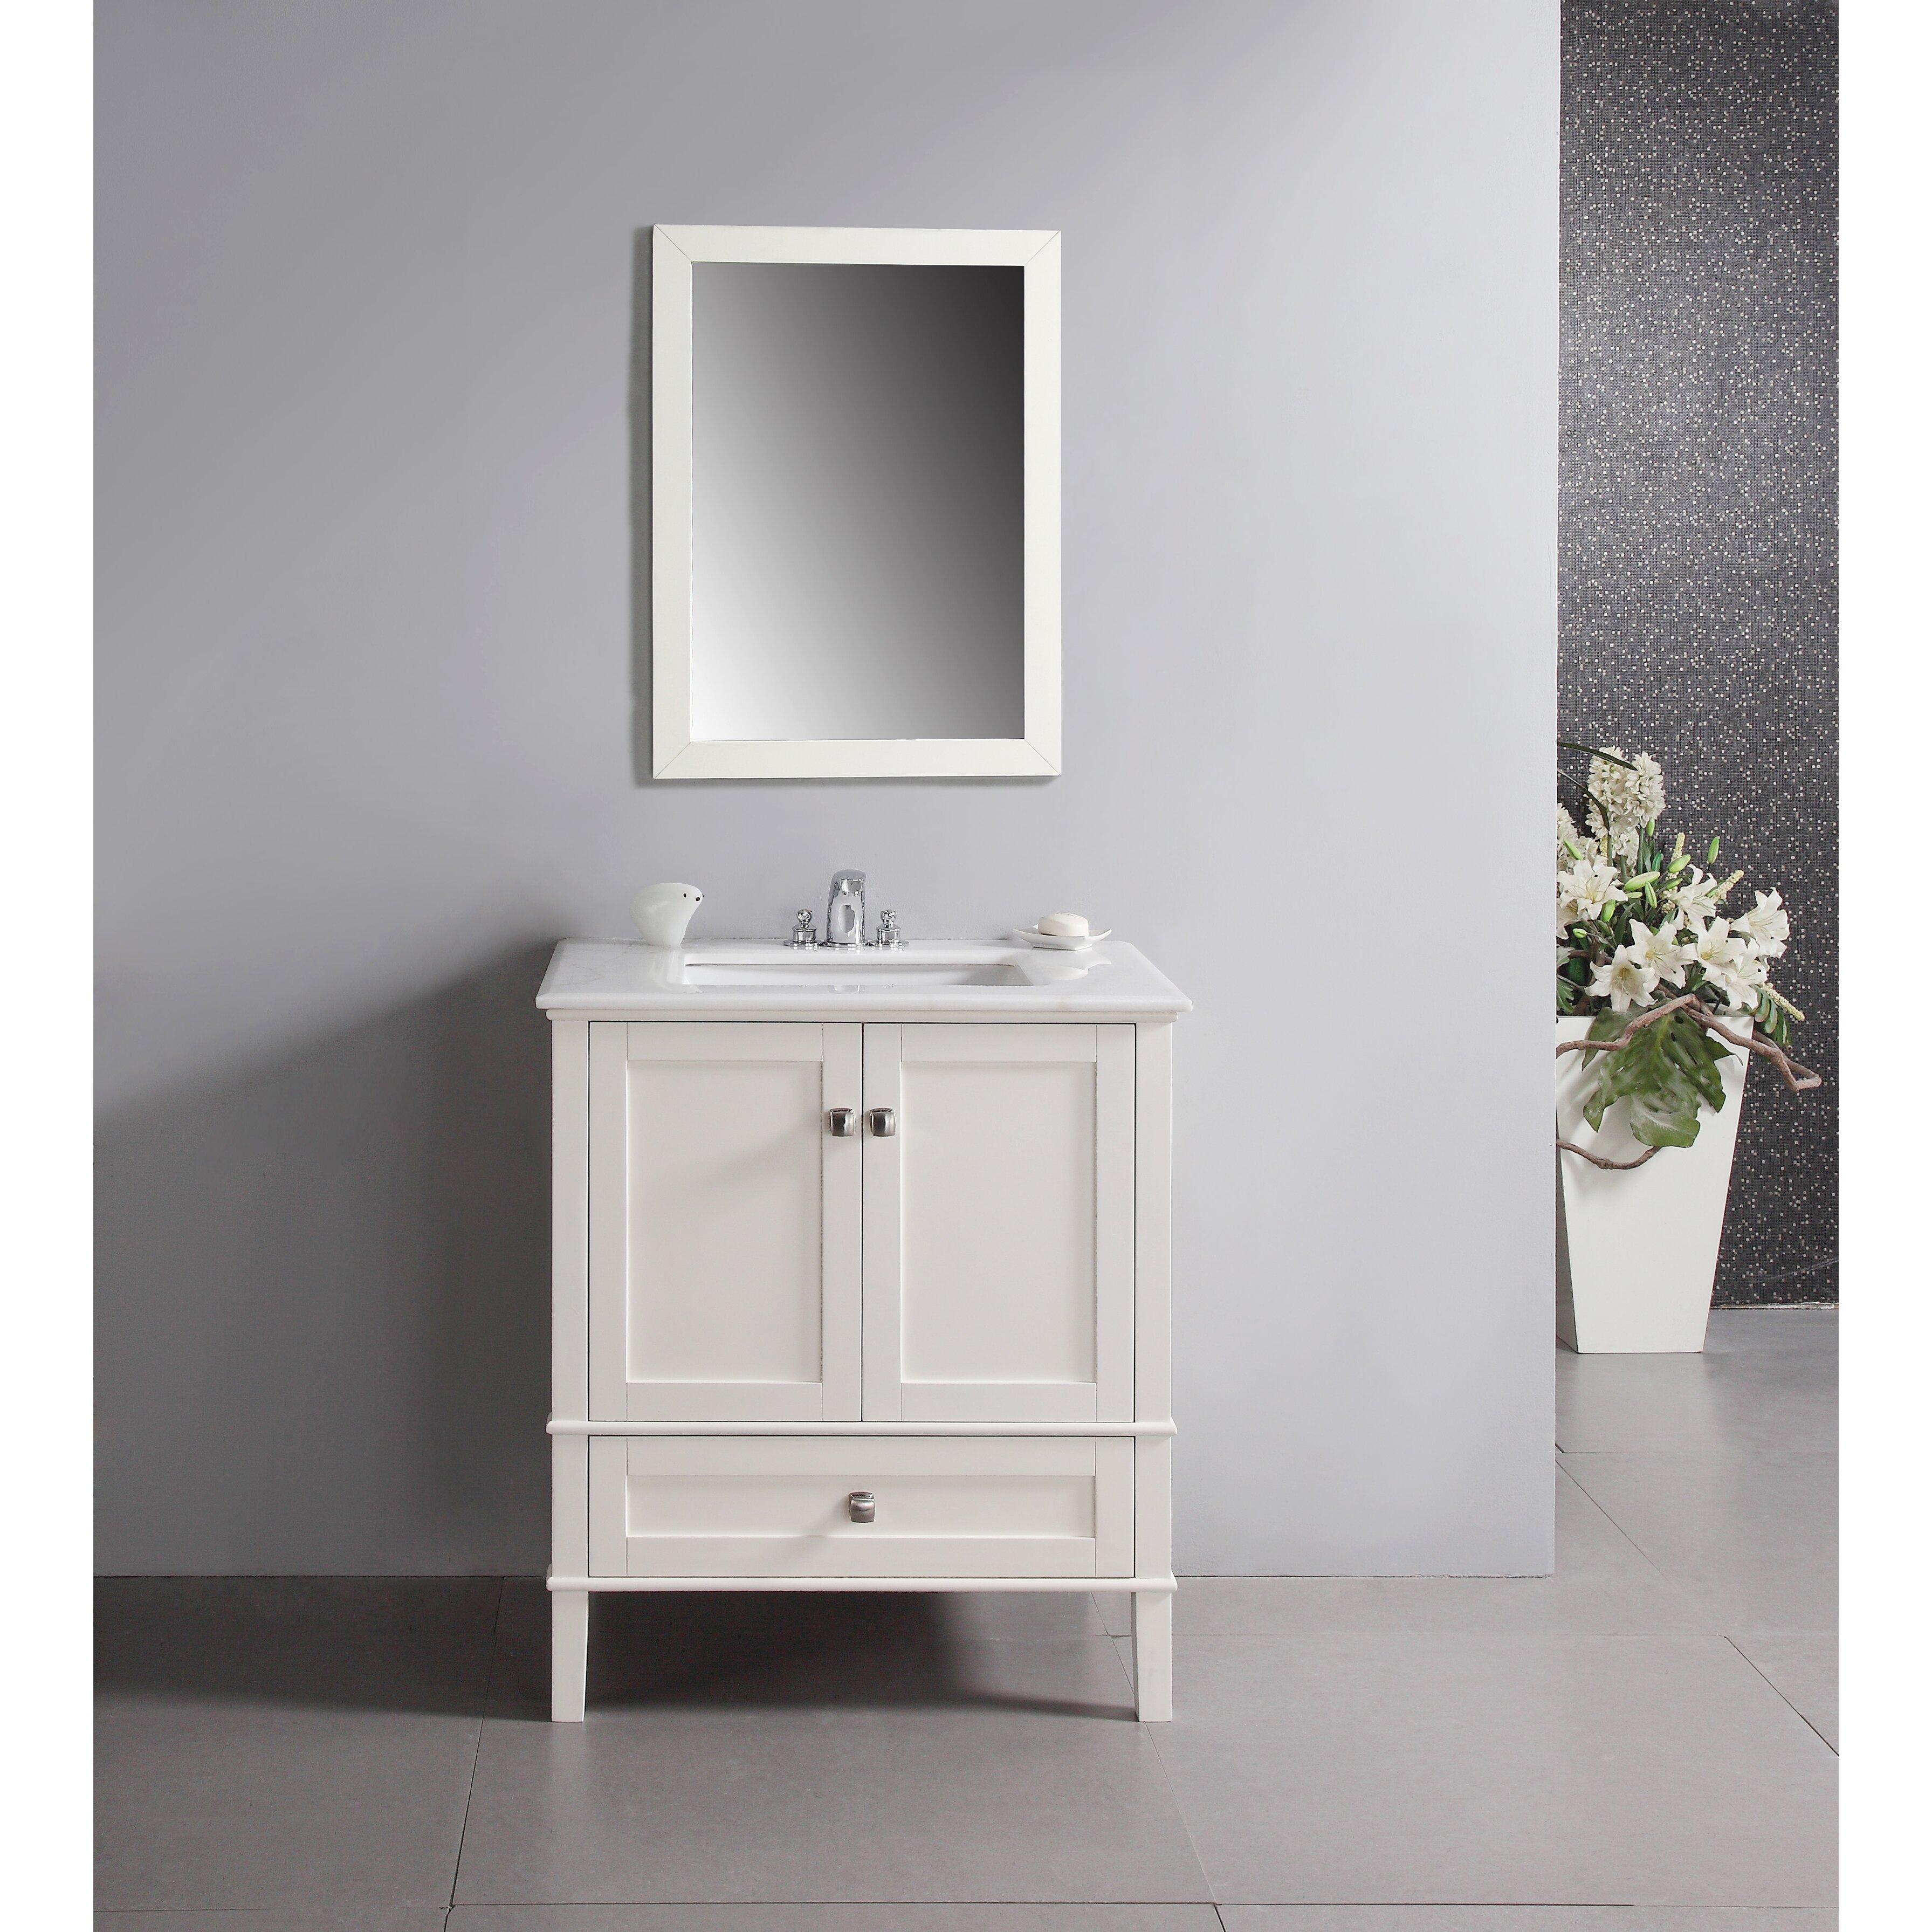 chelsea bathroom vanity - 28 images - simpli home chelsea